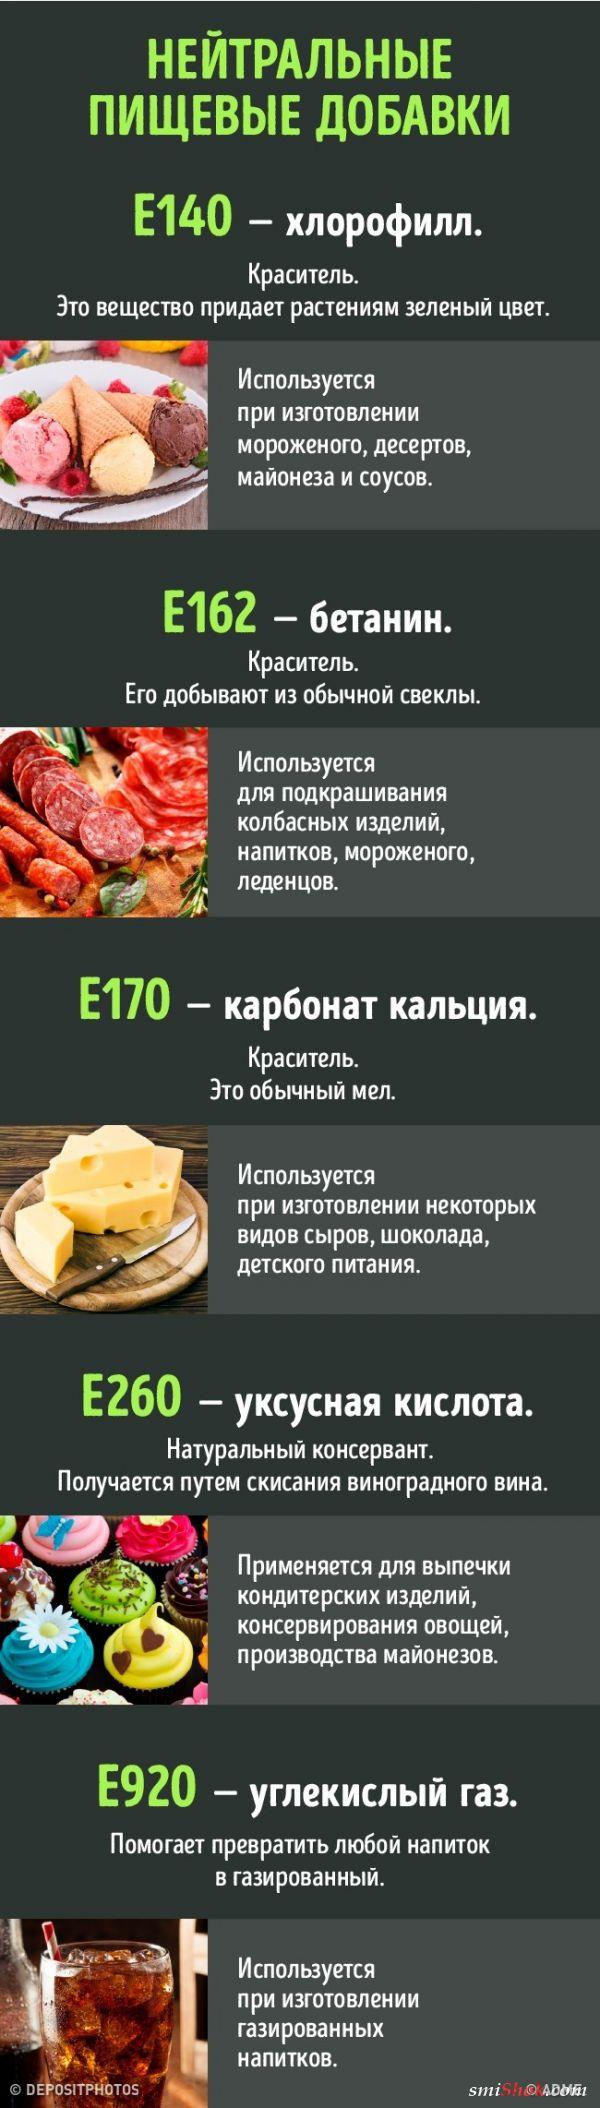 Полезные или вредные пищевые добавки. Как различить?